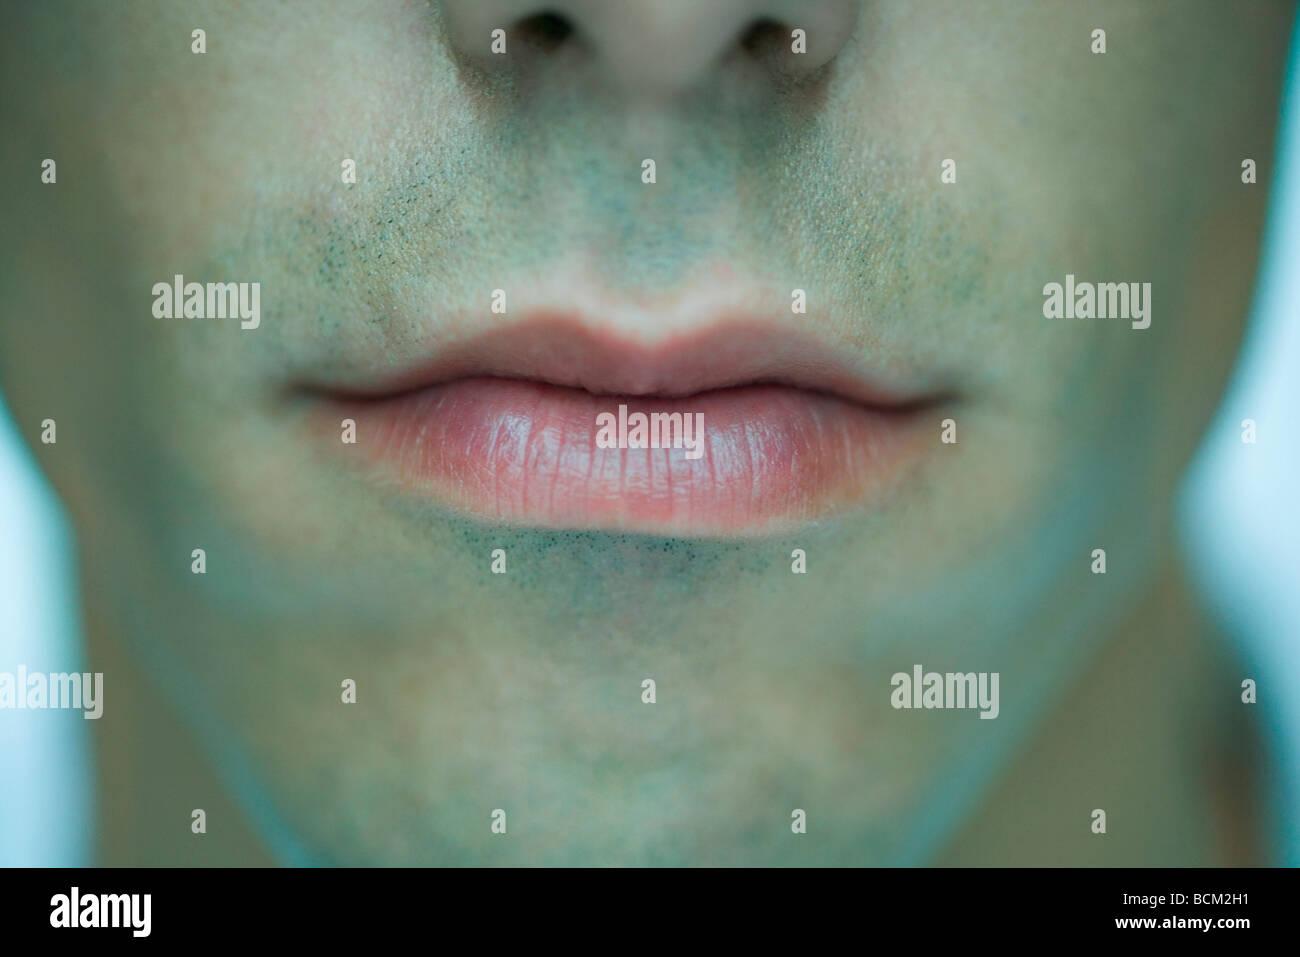 Uomo di labbra, close-up Immagini Stock